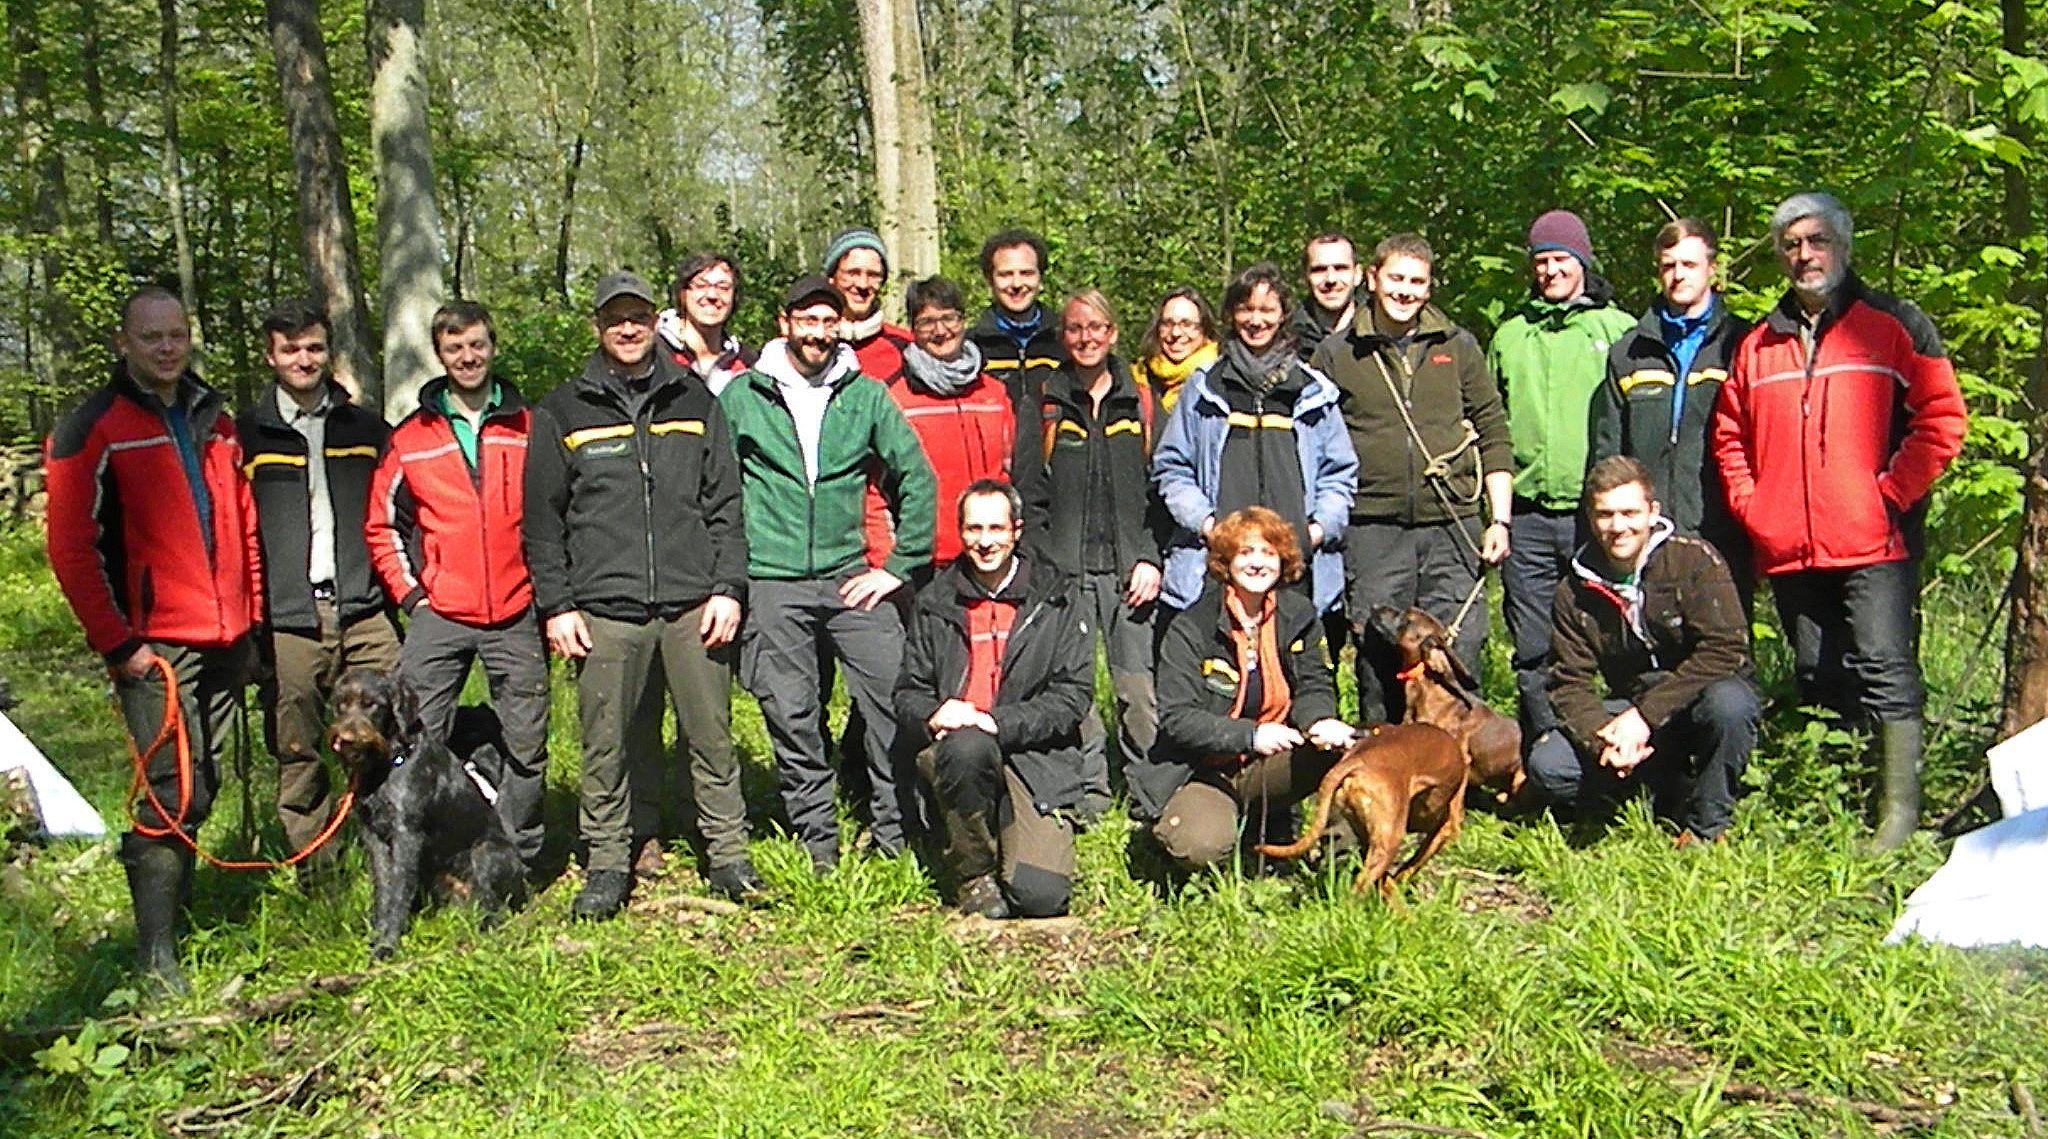 Tim Tschöpe, Trainee im Nationalpark, berichtete über das Waldmanagement im Nationalpark